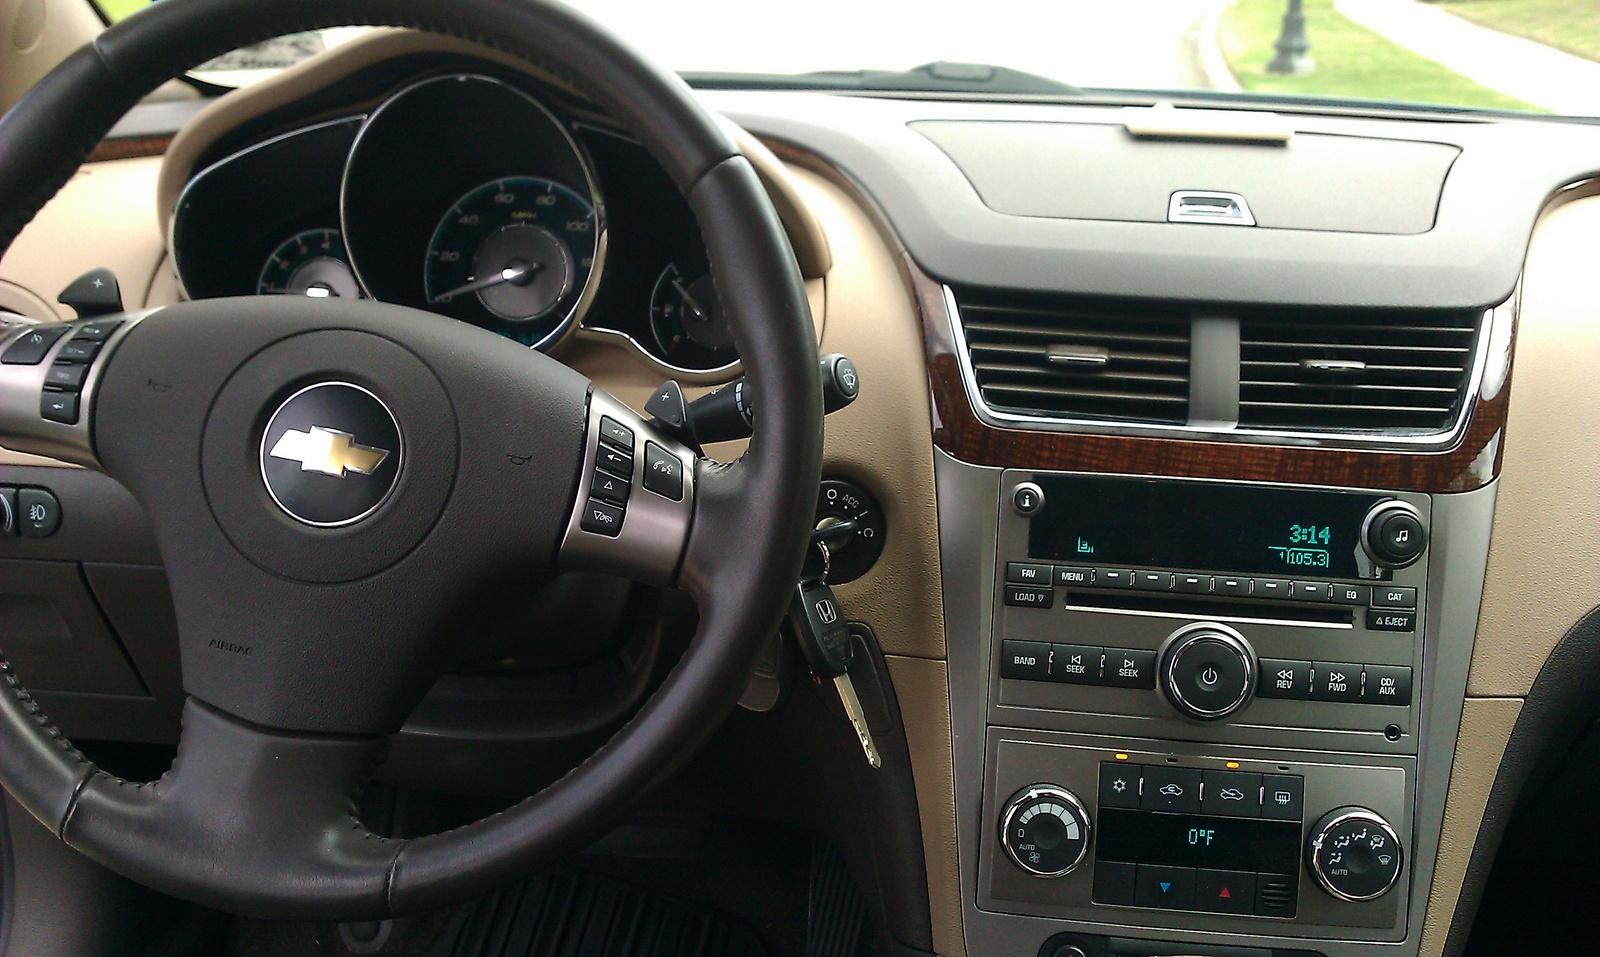 2009 Chevrolet Malibu Interior 2009 Chevrolet Malibu Ltz